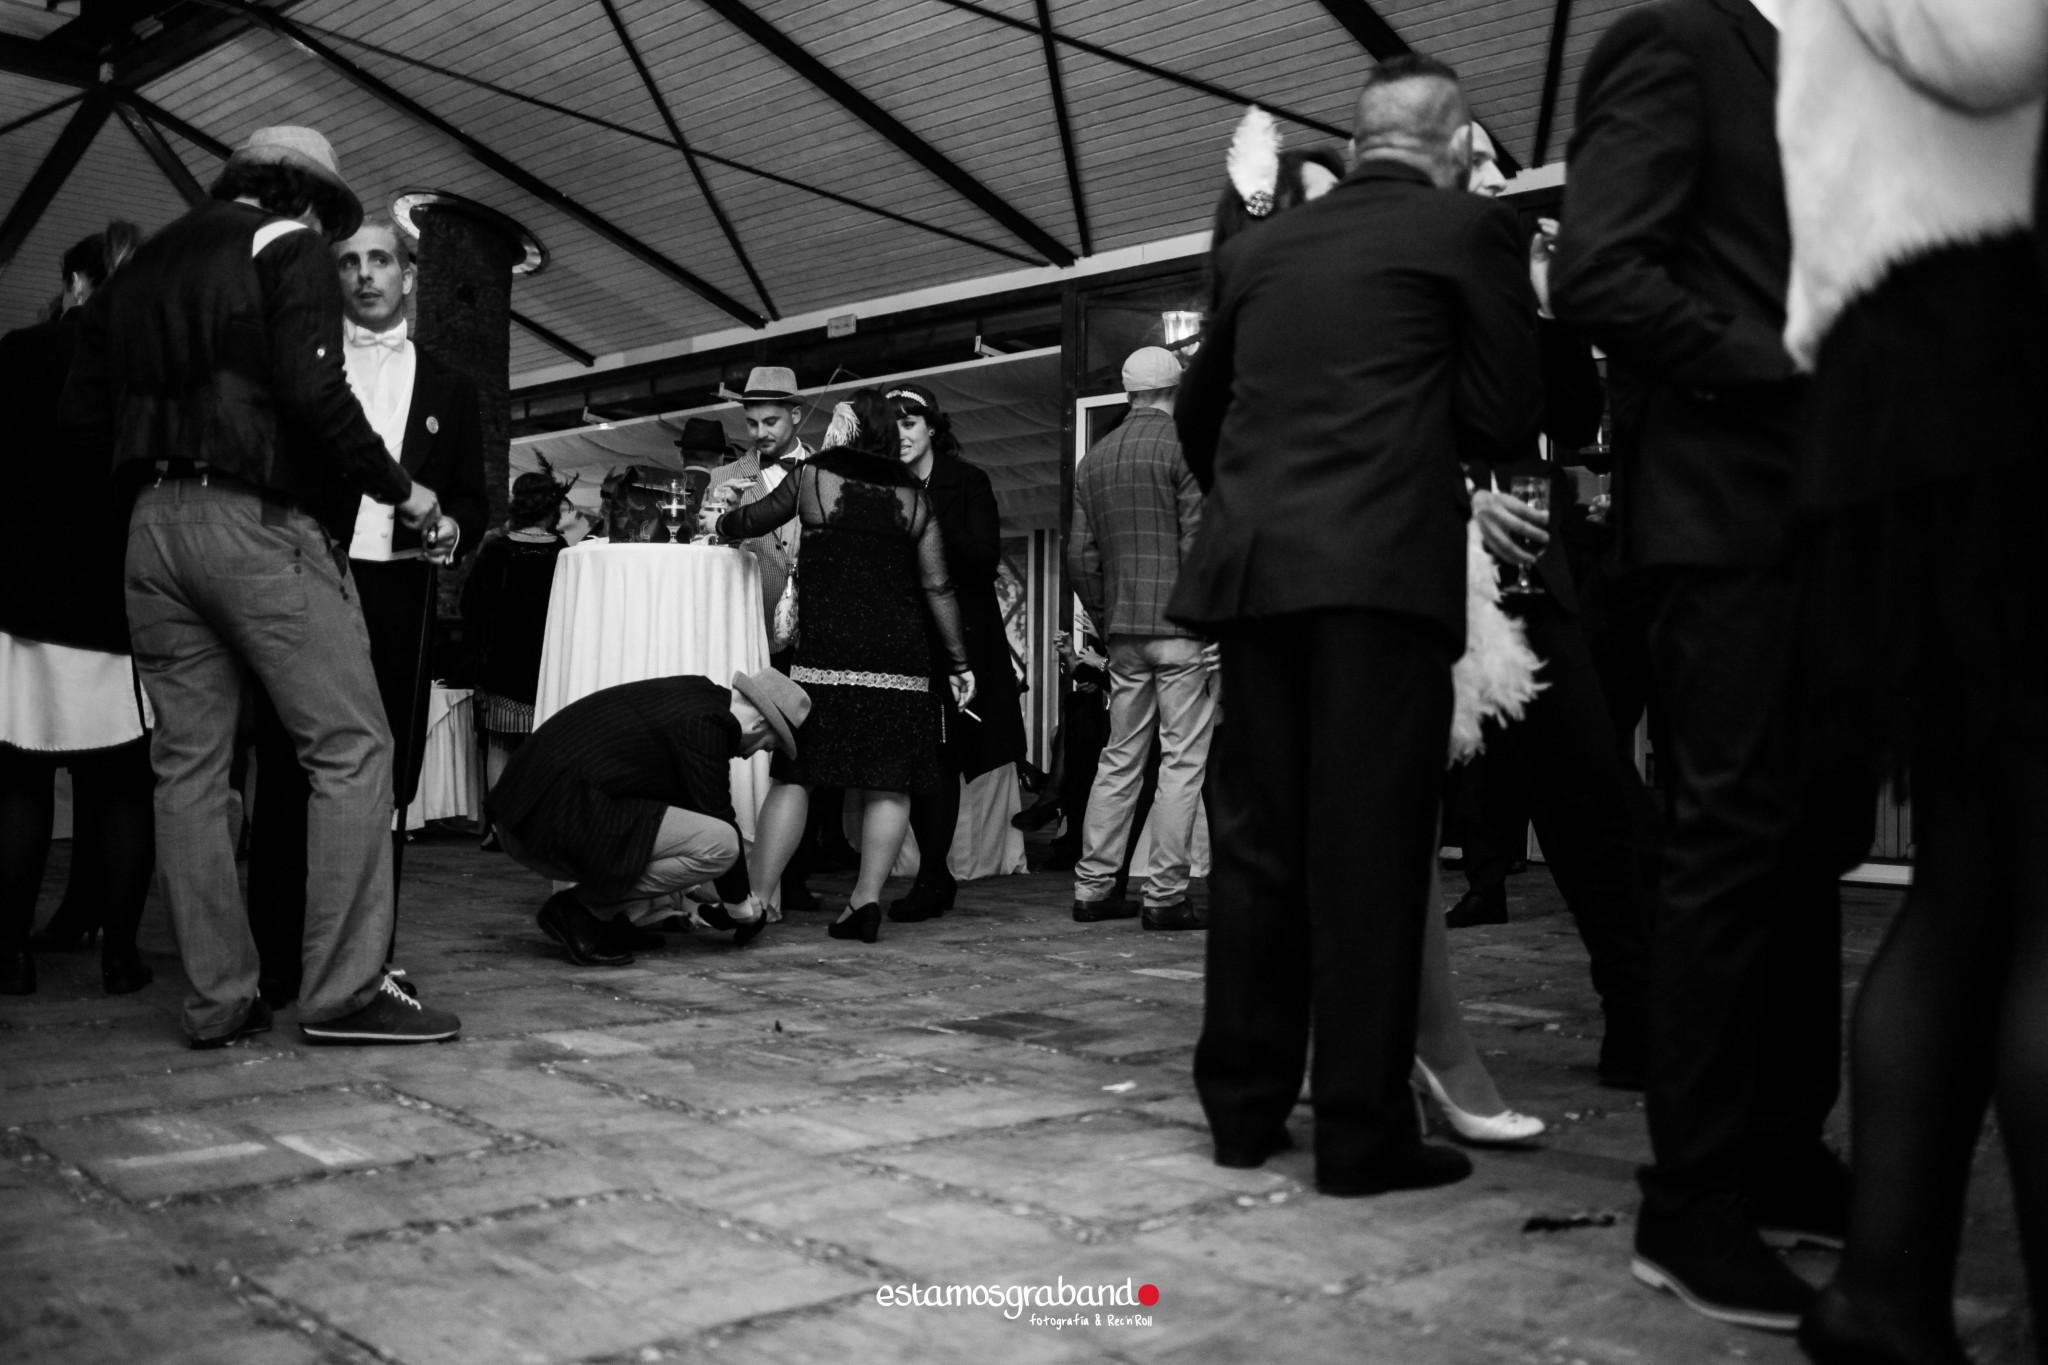 Años-20-BBTP-75-de-109 Los locos Años 20 [Fotografía en La Teta de Julieta, Cádiz] - video boda cadiz